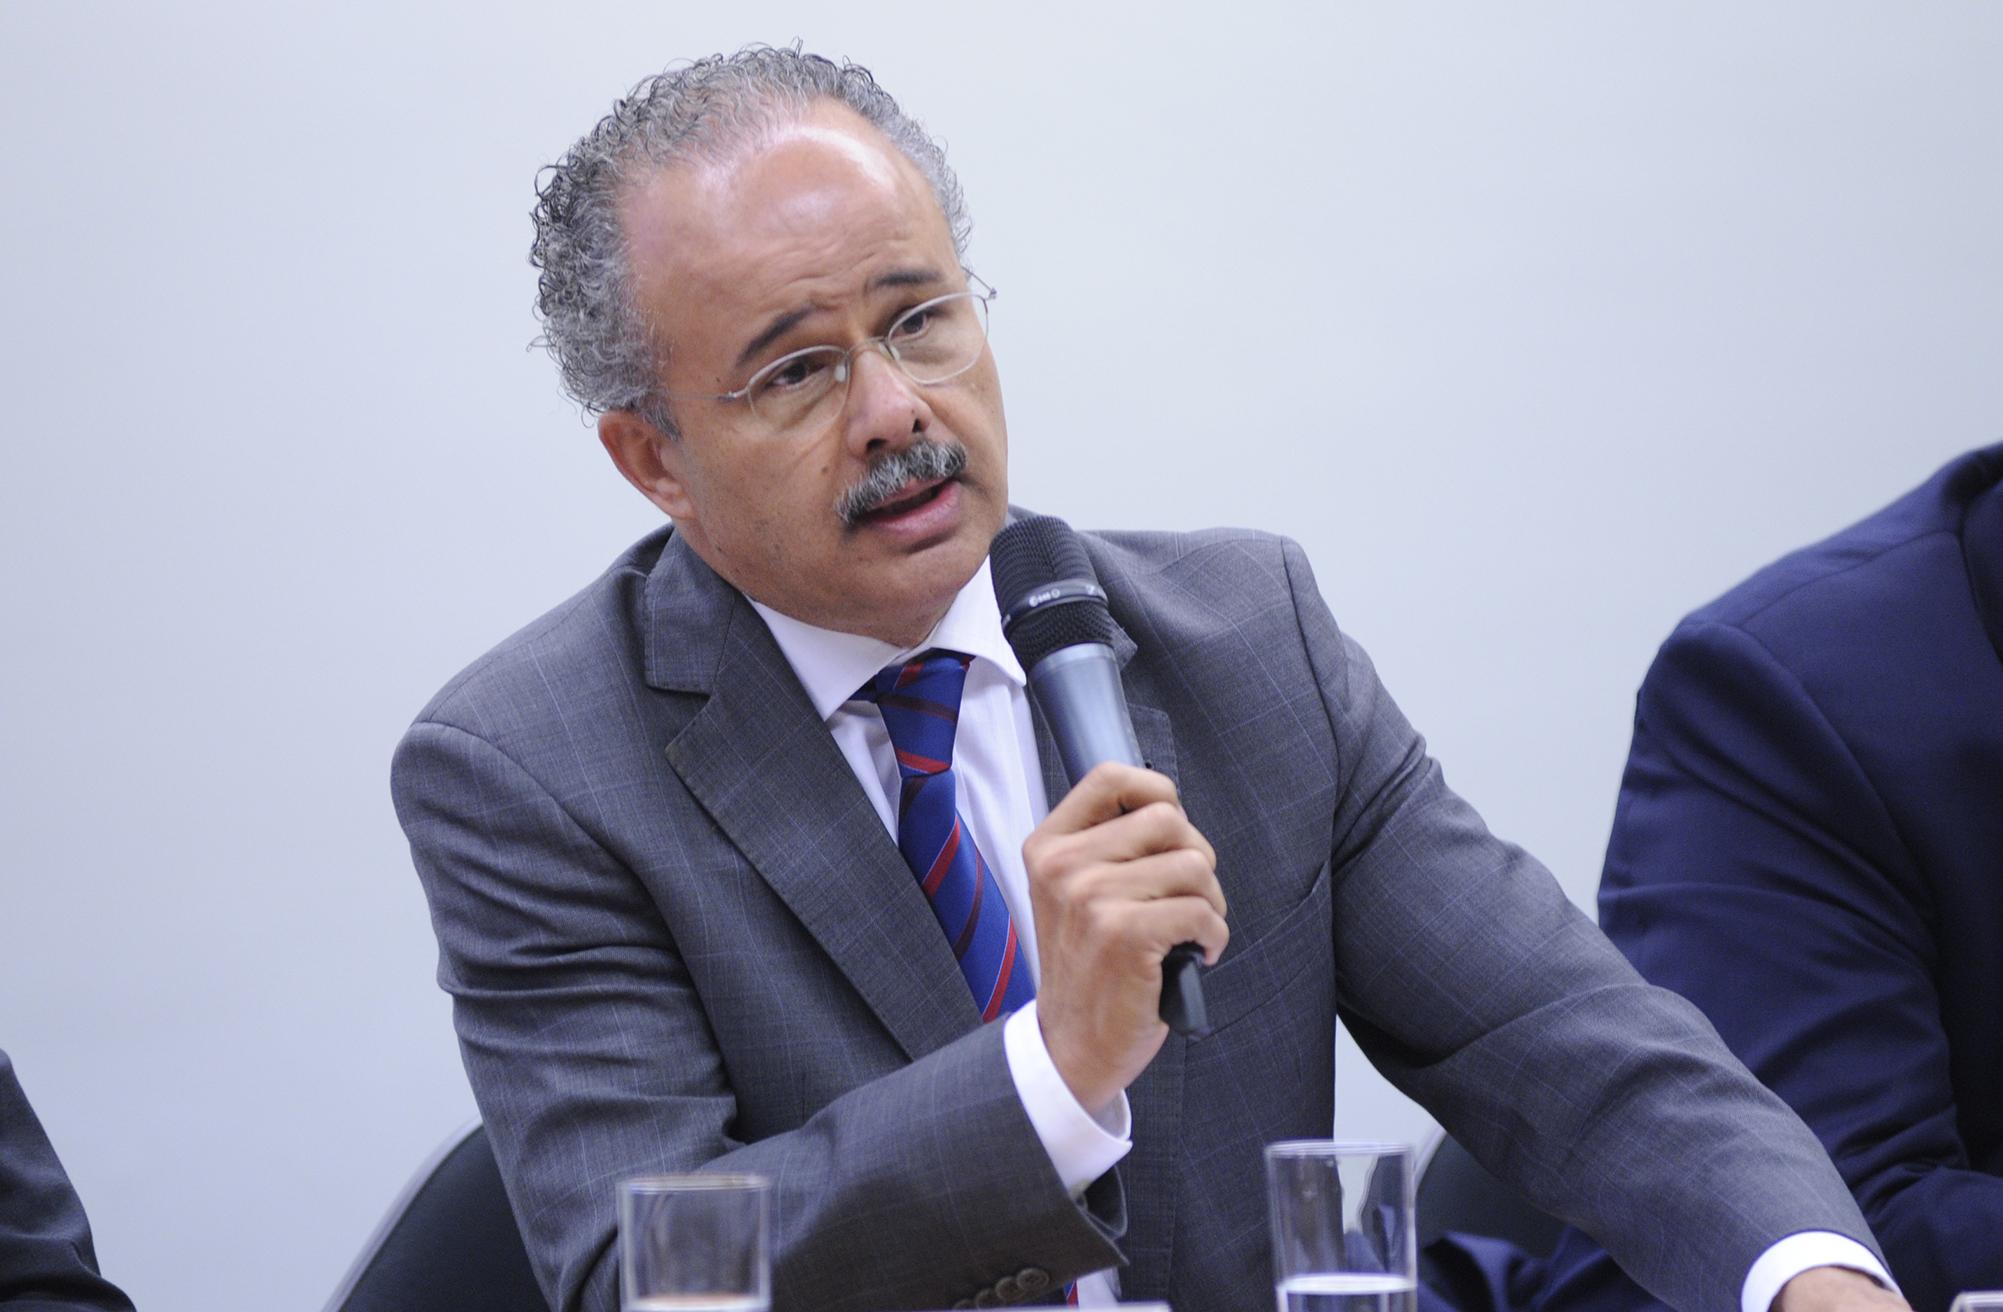 Comissão Especial sobre a Reforma Política, Tribunal Superior Eleitoral (TSE) e Instituto Idea realizam seminário internacional sobre Sistemas Eleitorais. Dep. Vicente Cândido (PT-SP)